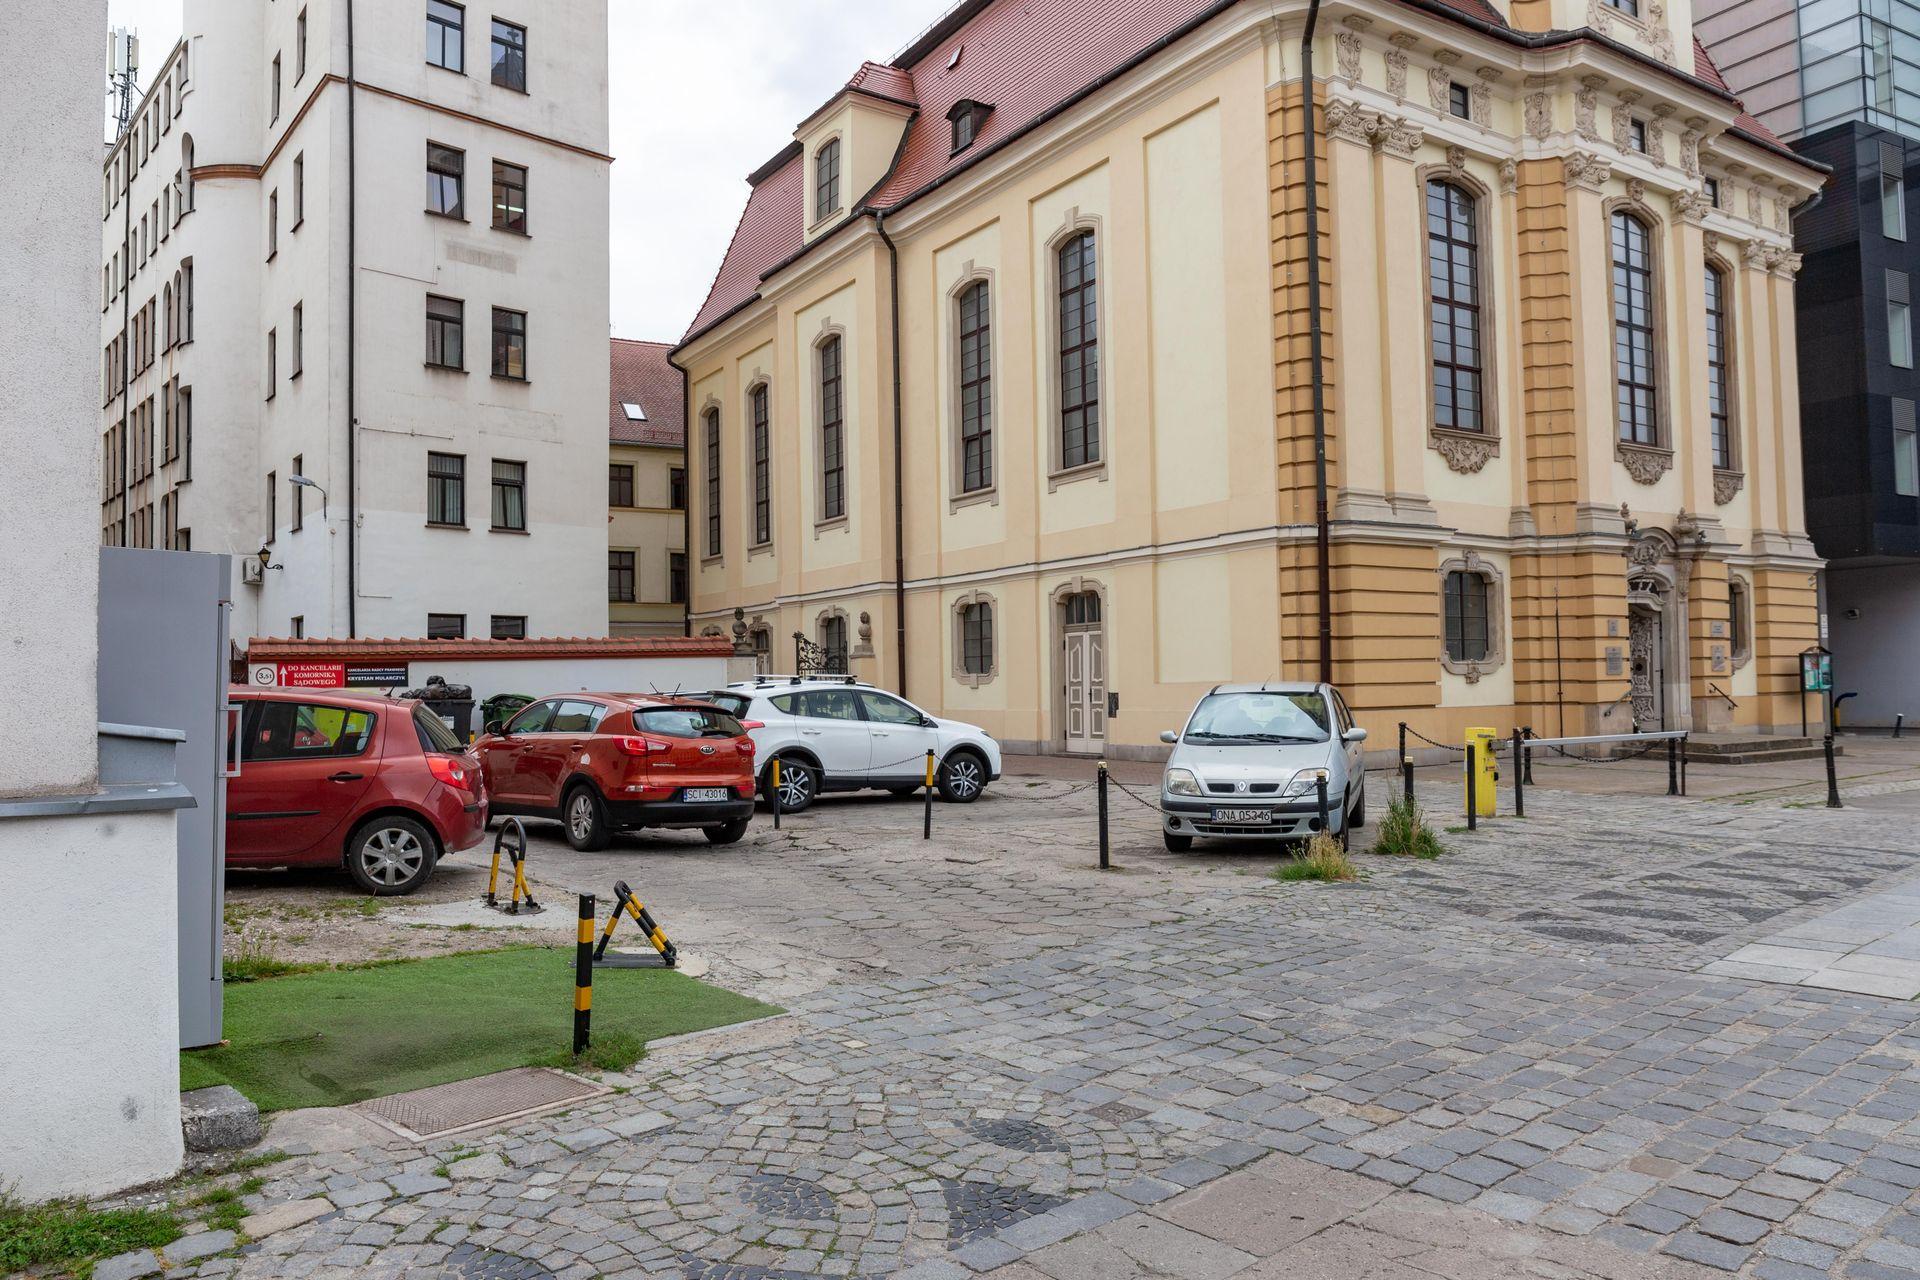 Wrocław: W sąsiedztwie Pałacu Królewskiego przybędzie mieszkań? Miasto planuje sprzedać grunt w centrum